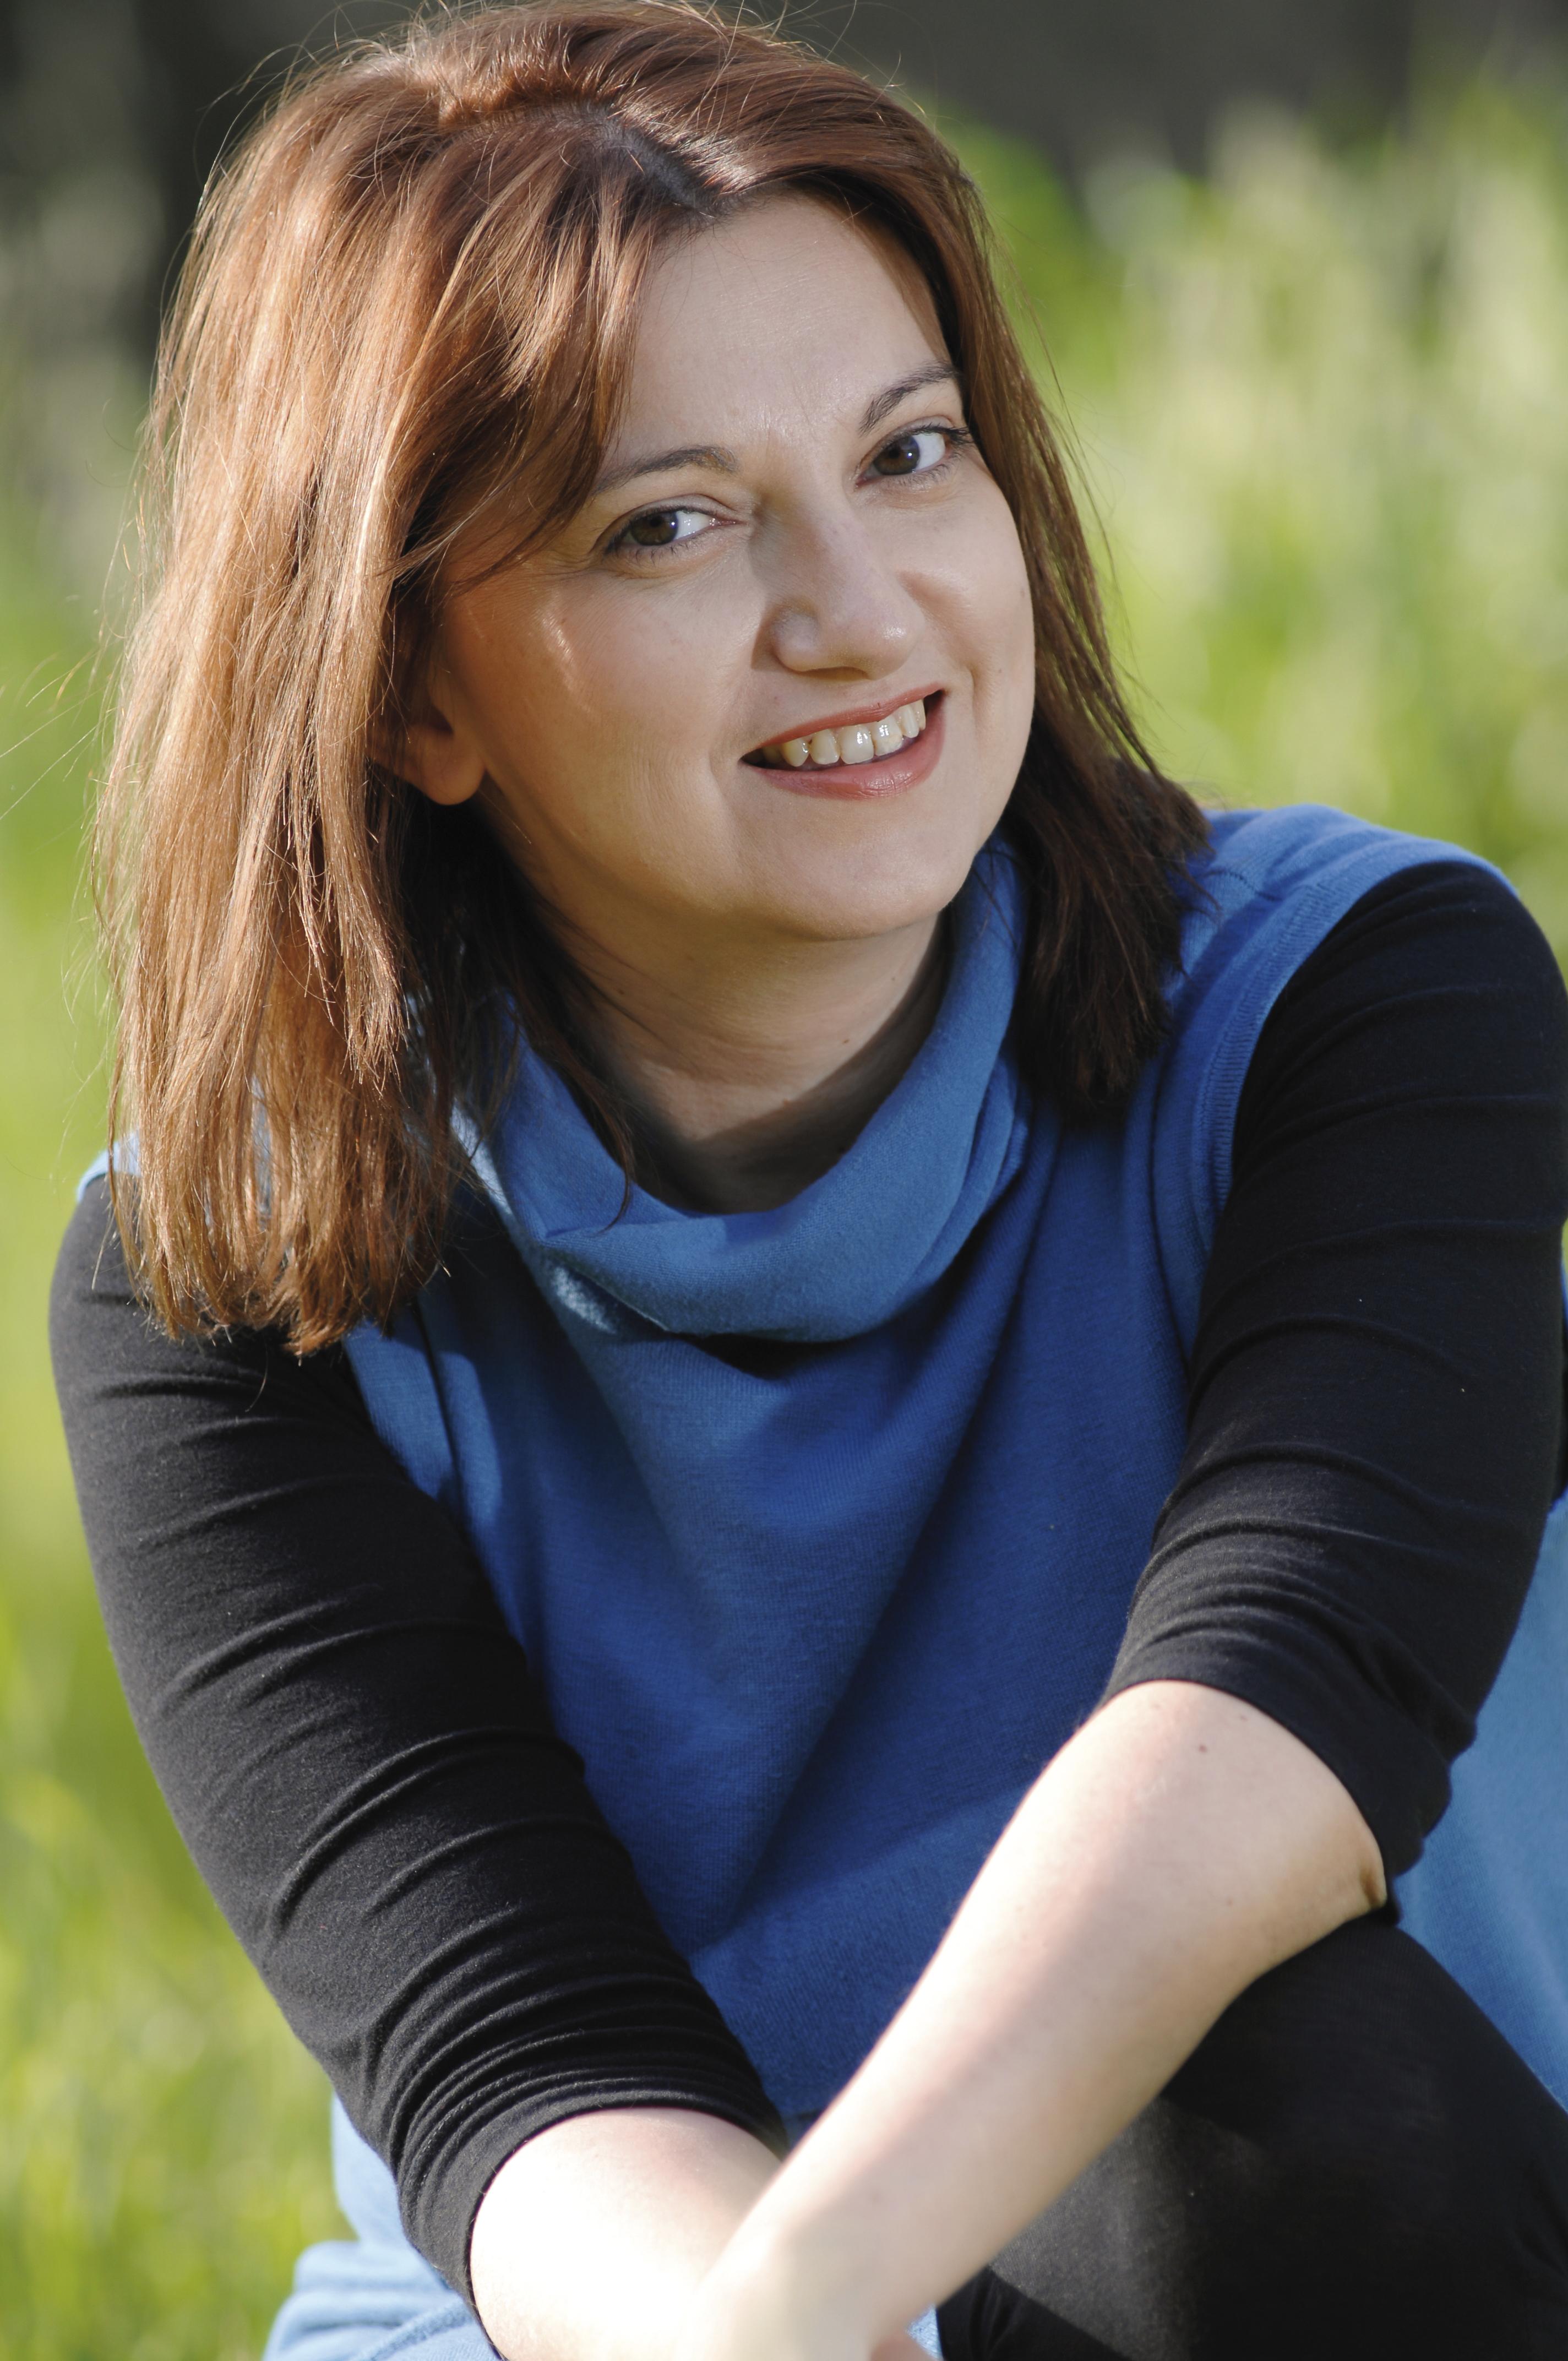 Λίνα Σωτηροπούλου